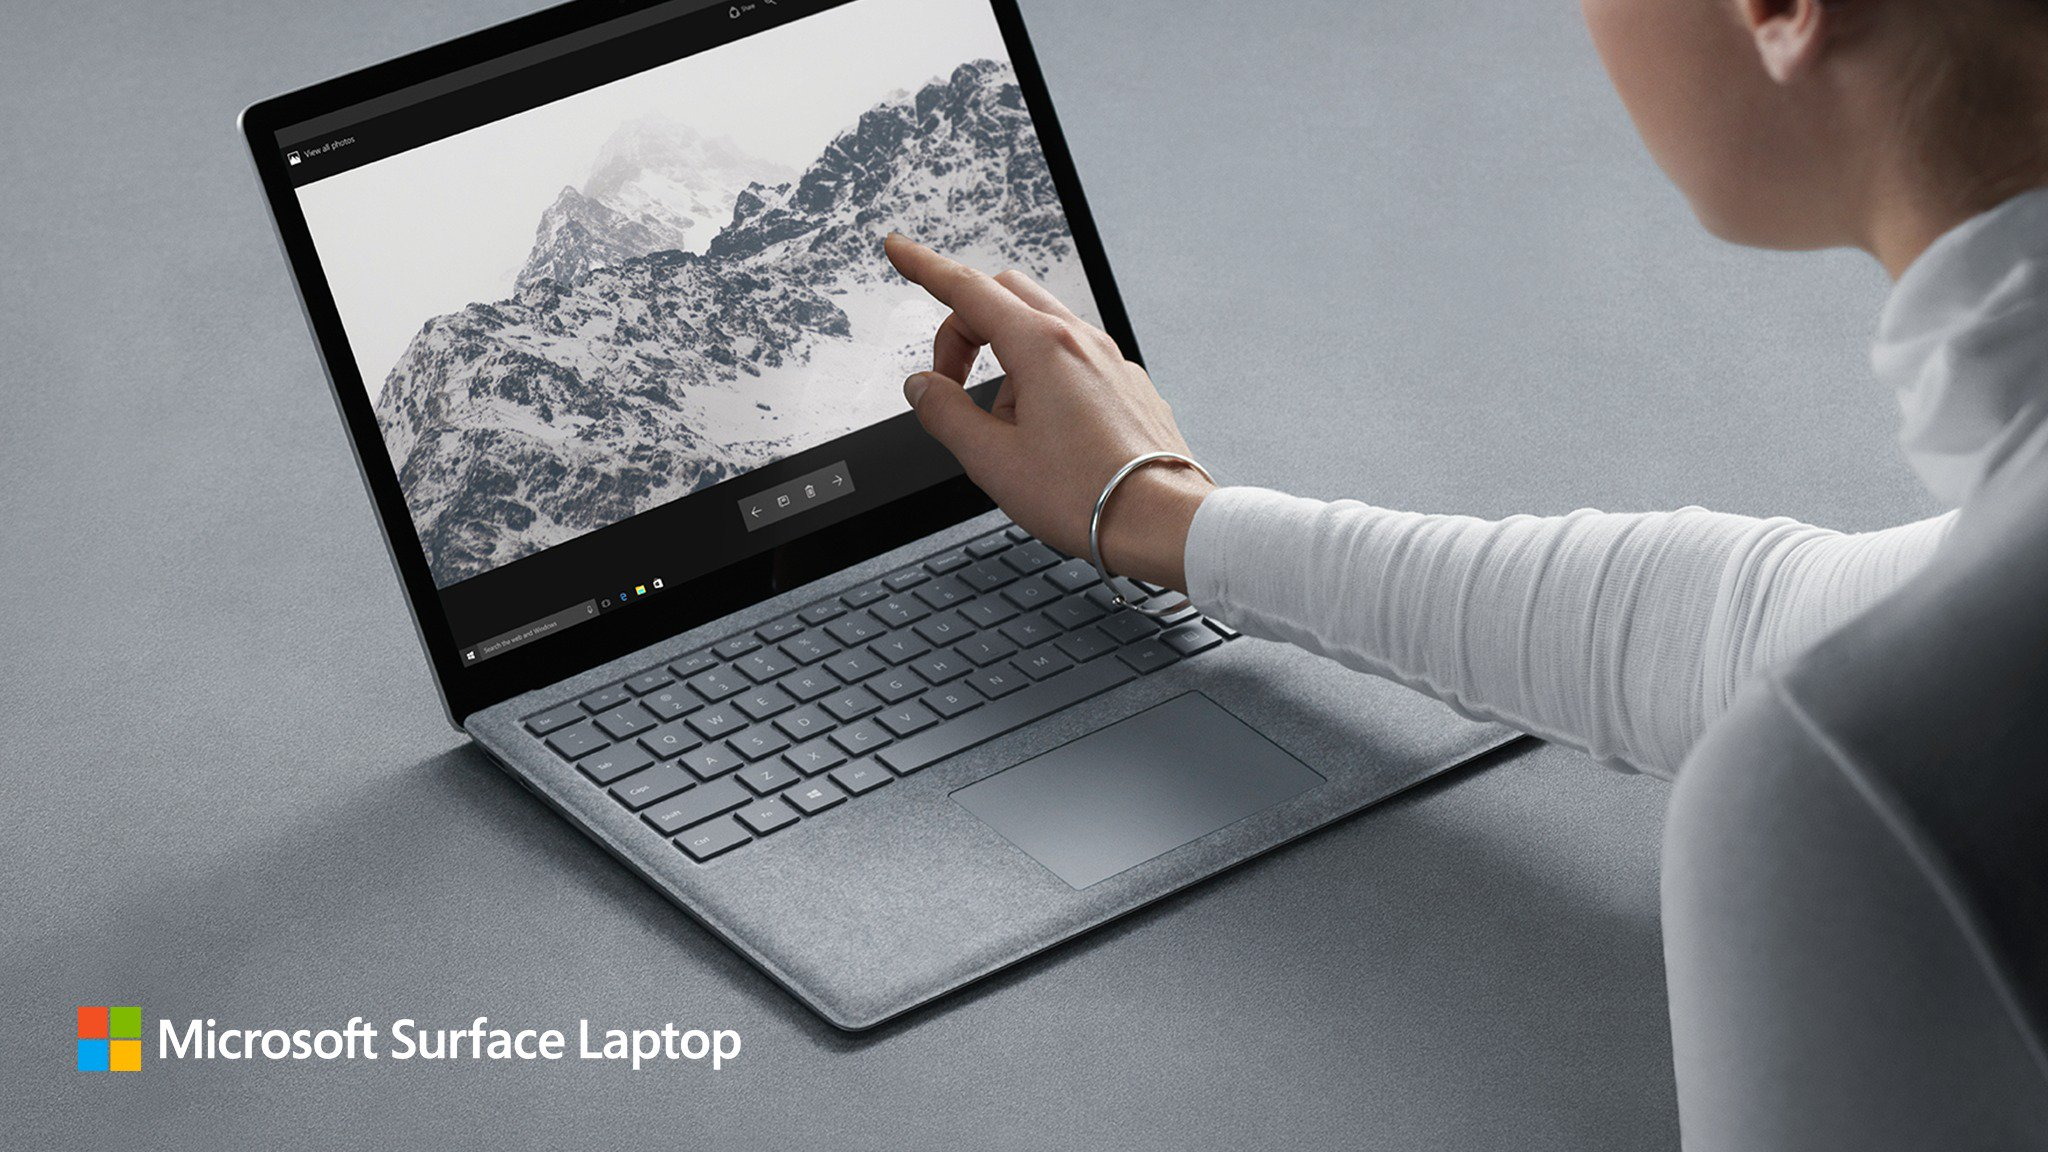 Surface Laptop chính thức: 13,5″ tỉ lệ 3:2, Intel i5 hoặc i7, pin 14,5 giờ, chạy Windows 10 S, 999$